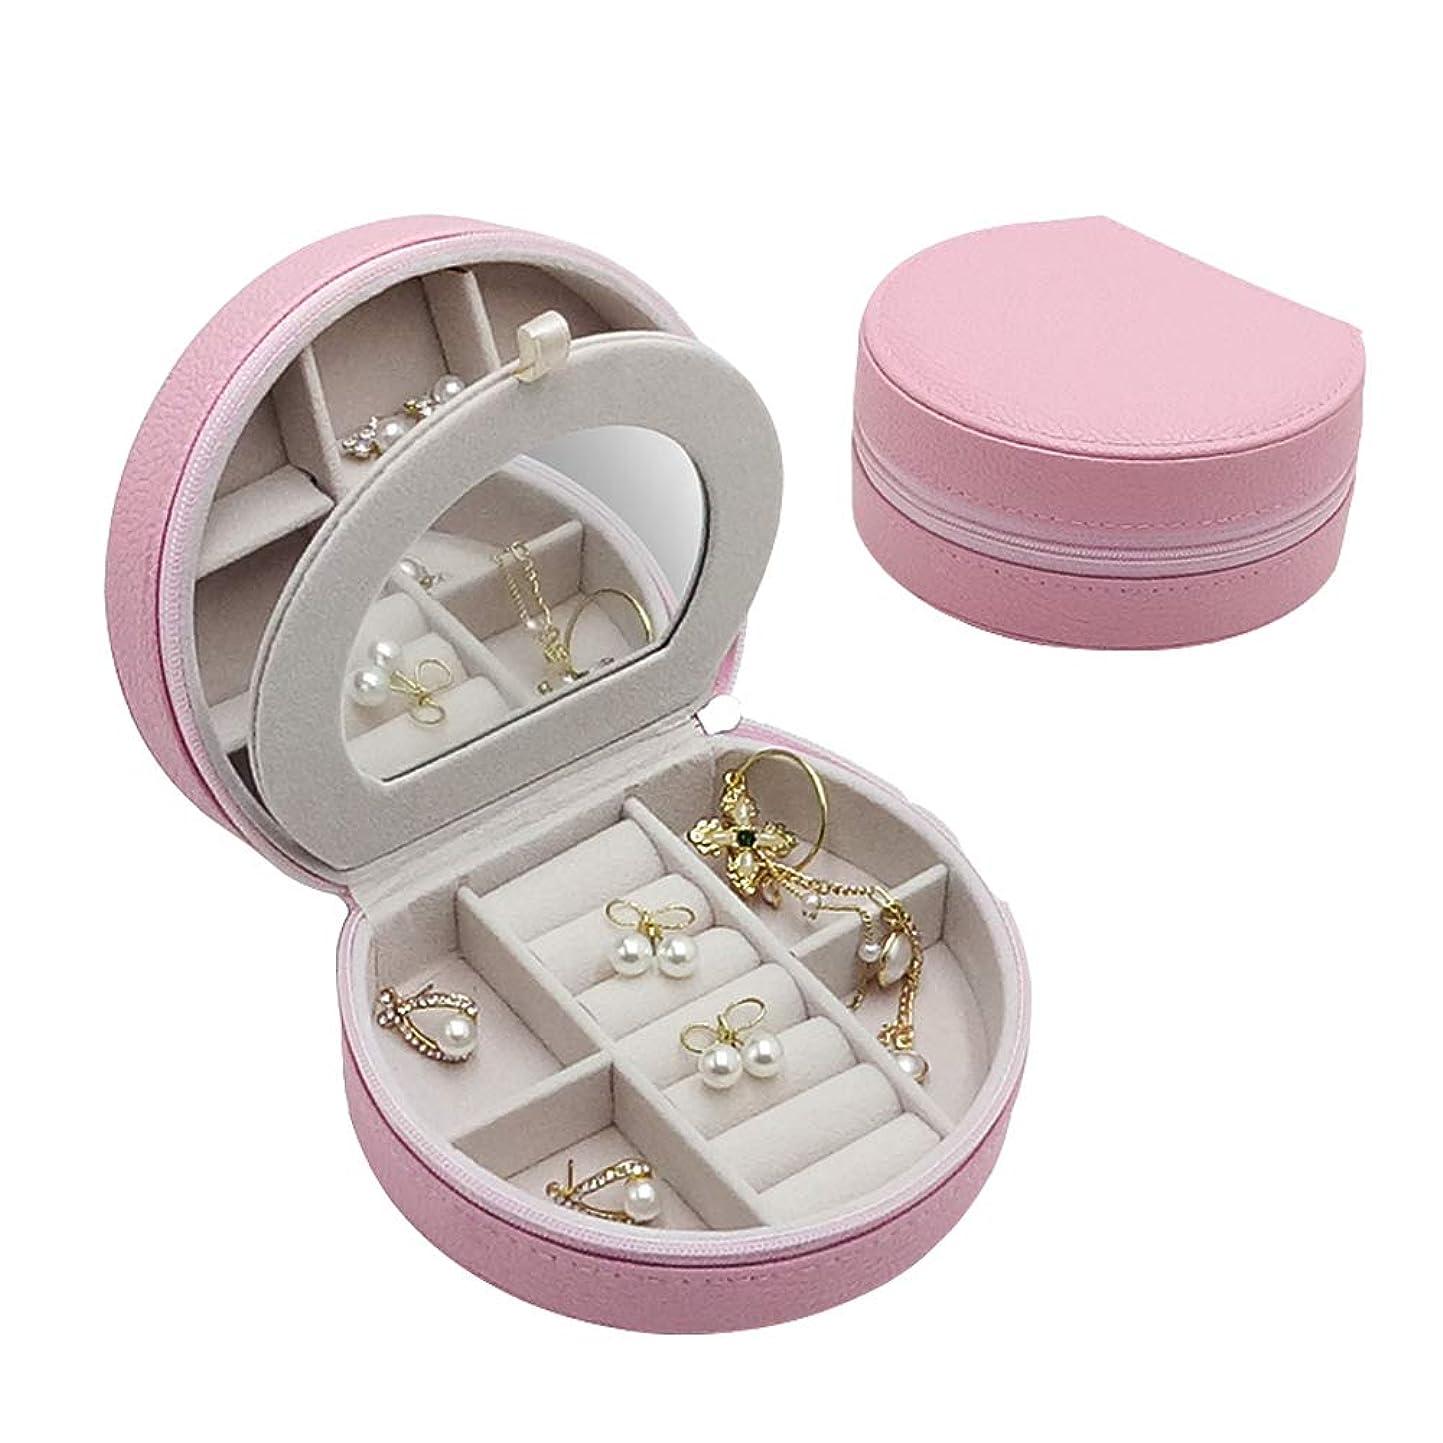 引退する達成可能同種のジュエリーボックス ミニ宝石箱 ミラー 鏡付き 引き出し 携帯用 持ち運び トラベル ピアス ネックレス 指輪 リング アクセサリー 指輪置き ジュエリーバッグ (Pink)